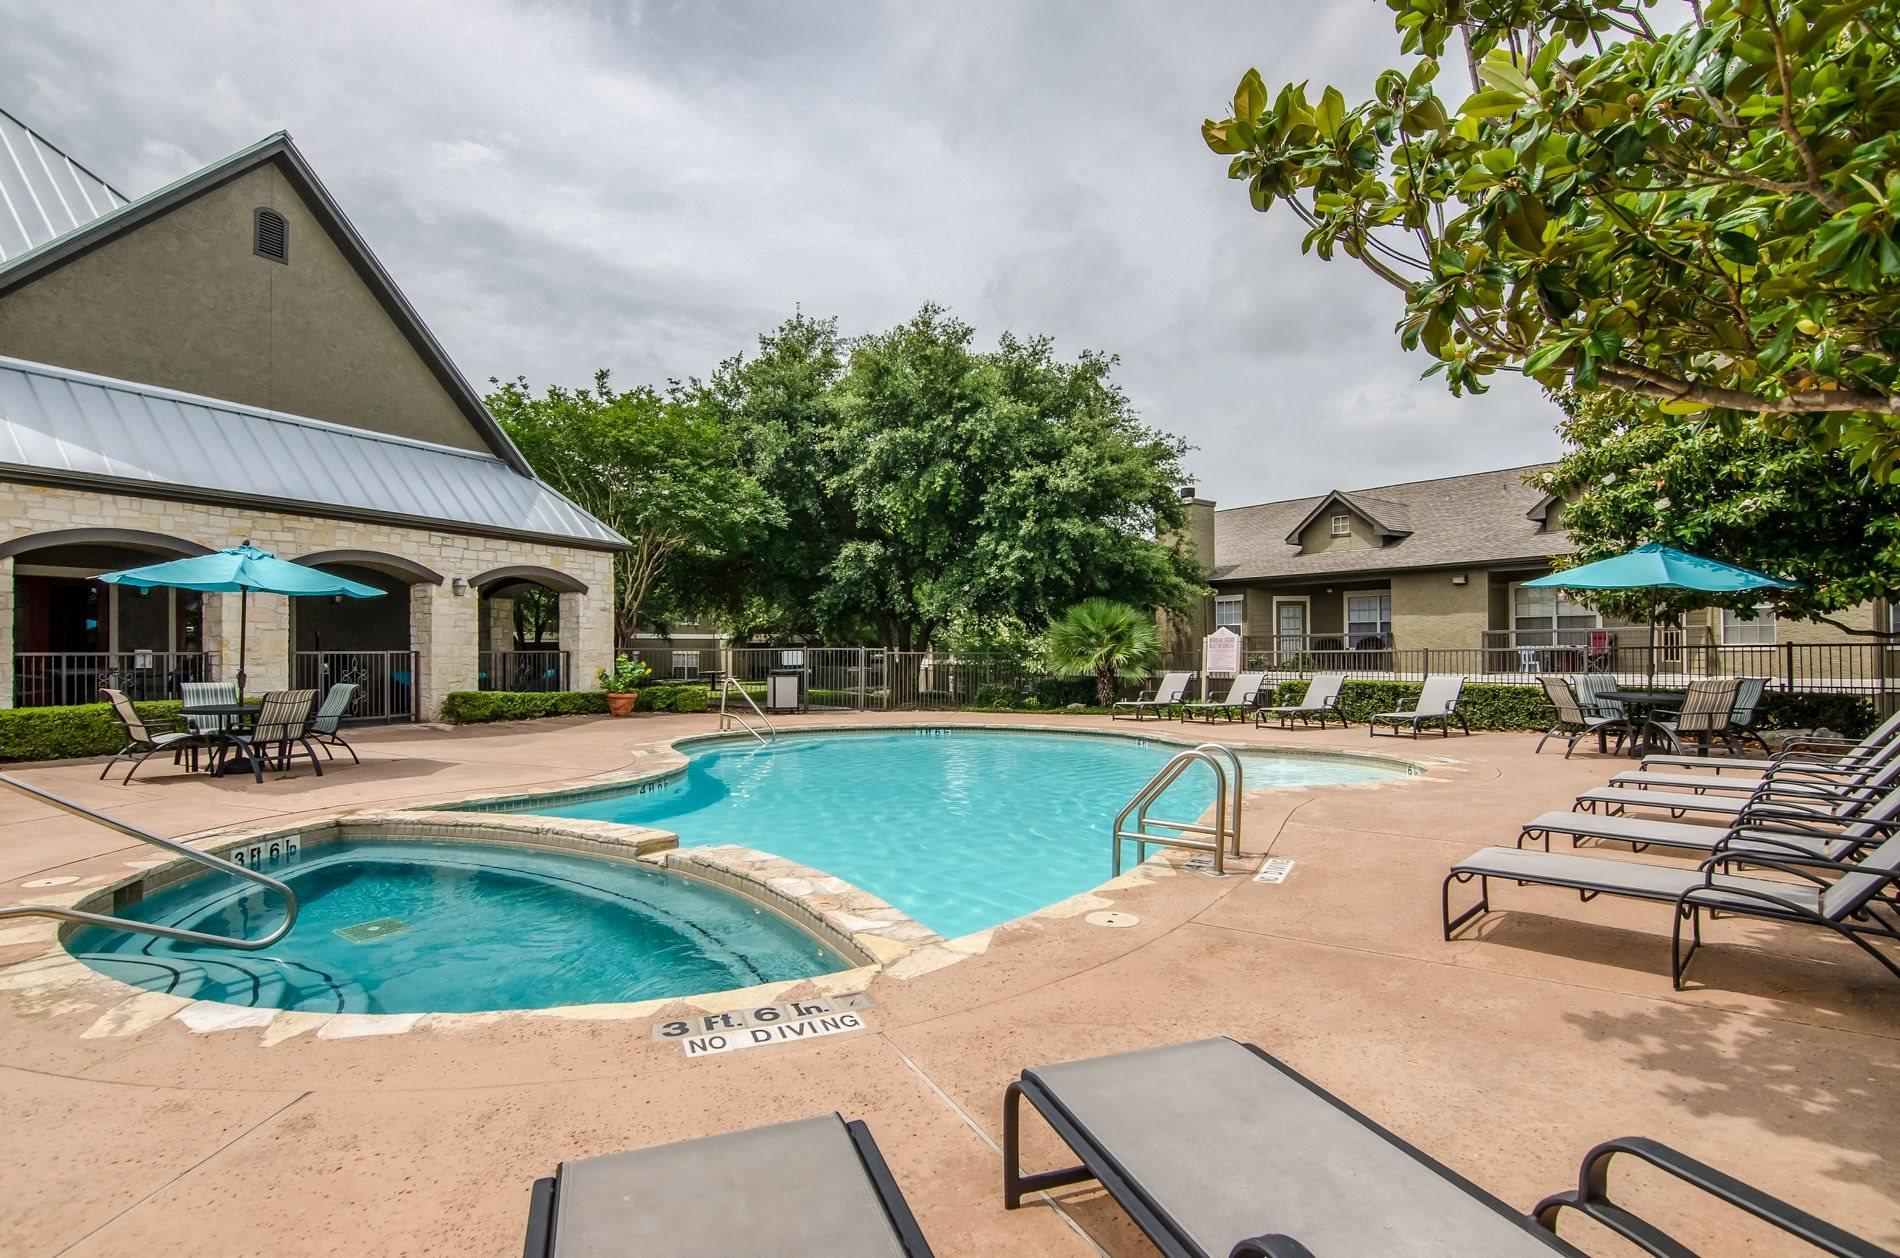 La Mirage Apartments In San Antonio Tx